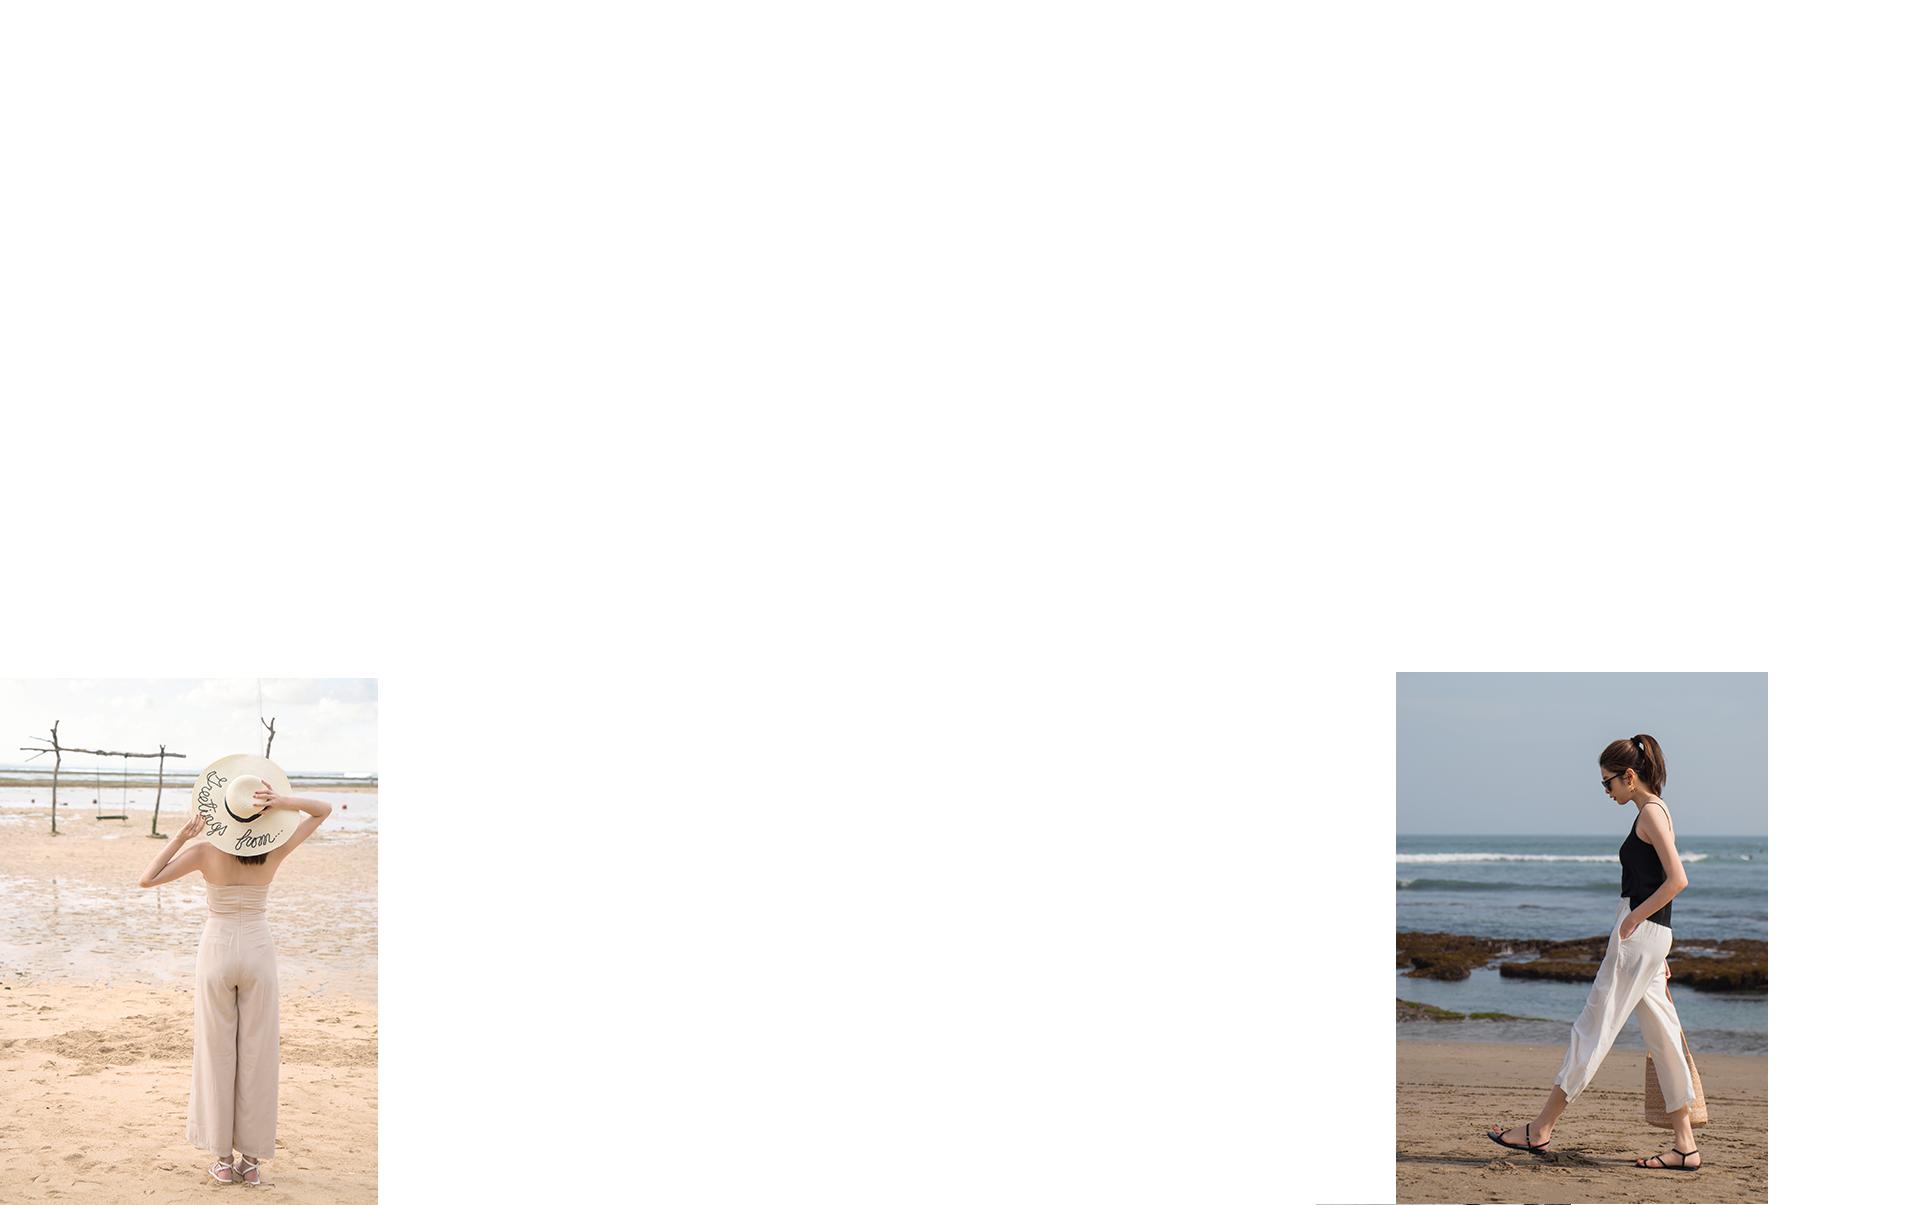 2019 D+AF x Alley峇里島夏季女鞋拍攝特輯